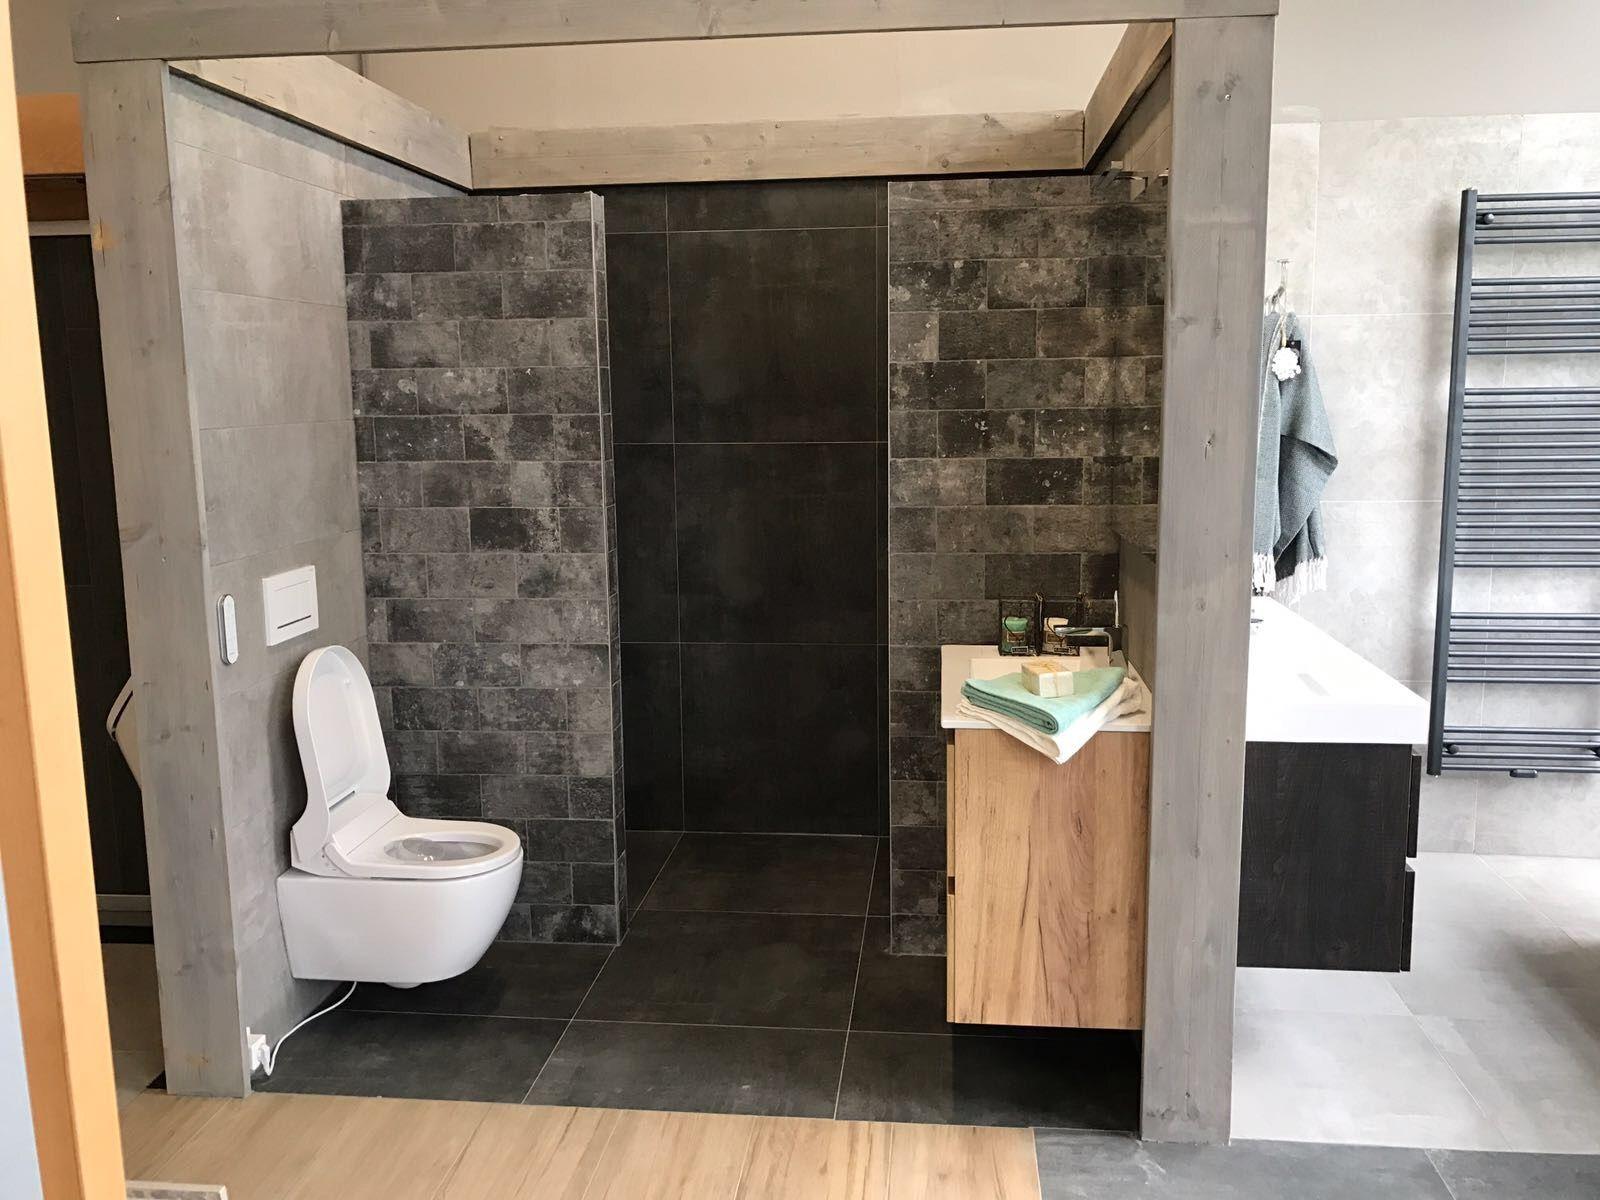 Kleine Badkamer Tegels : Aparte tegel en ontwerp kleine badkamer stobastone